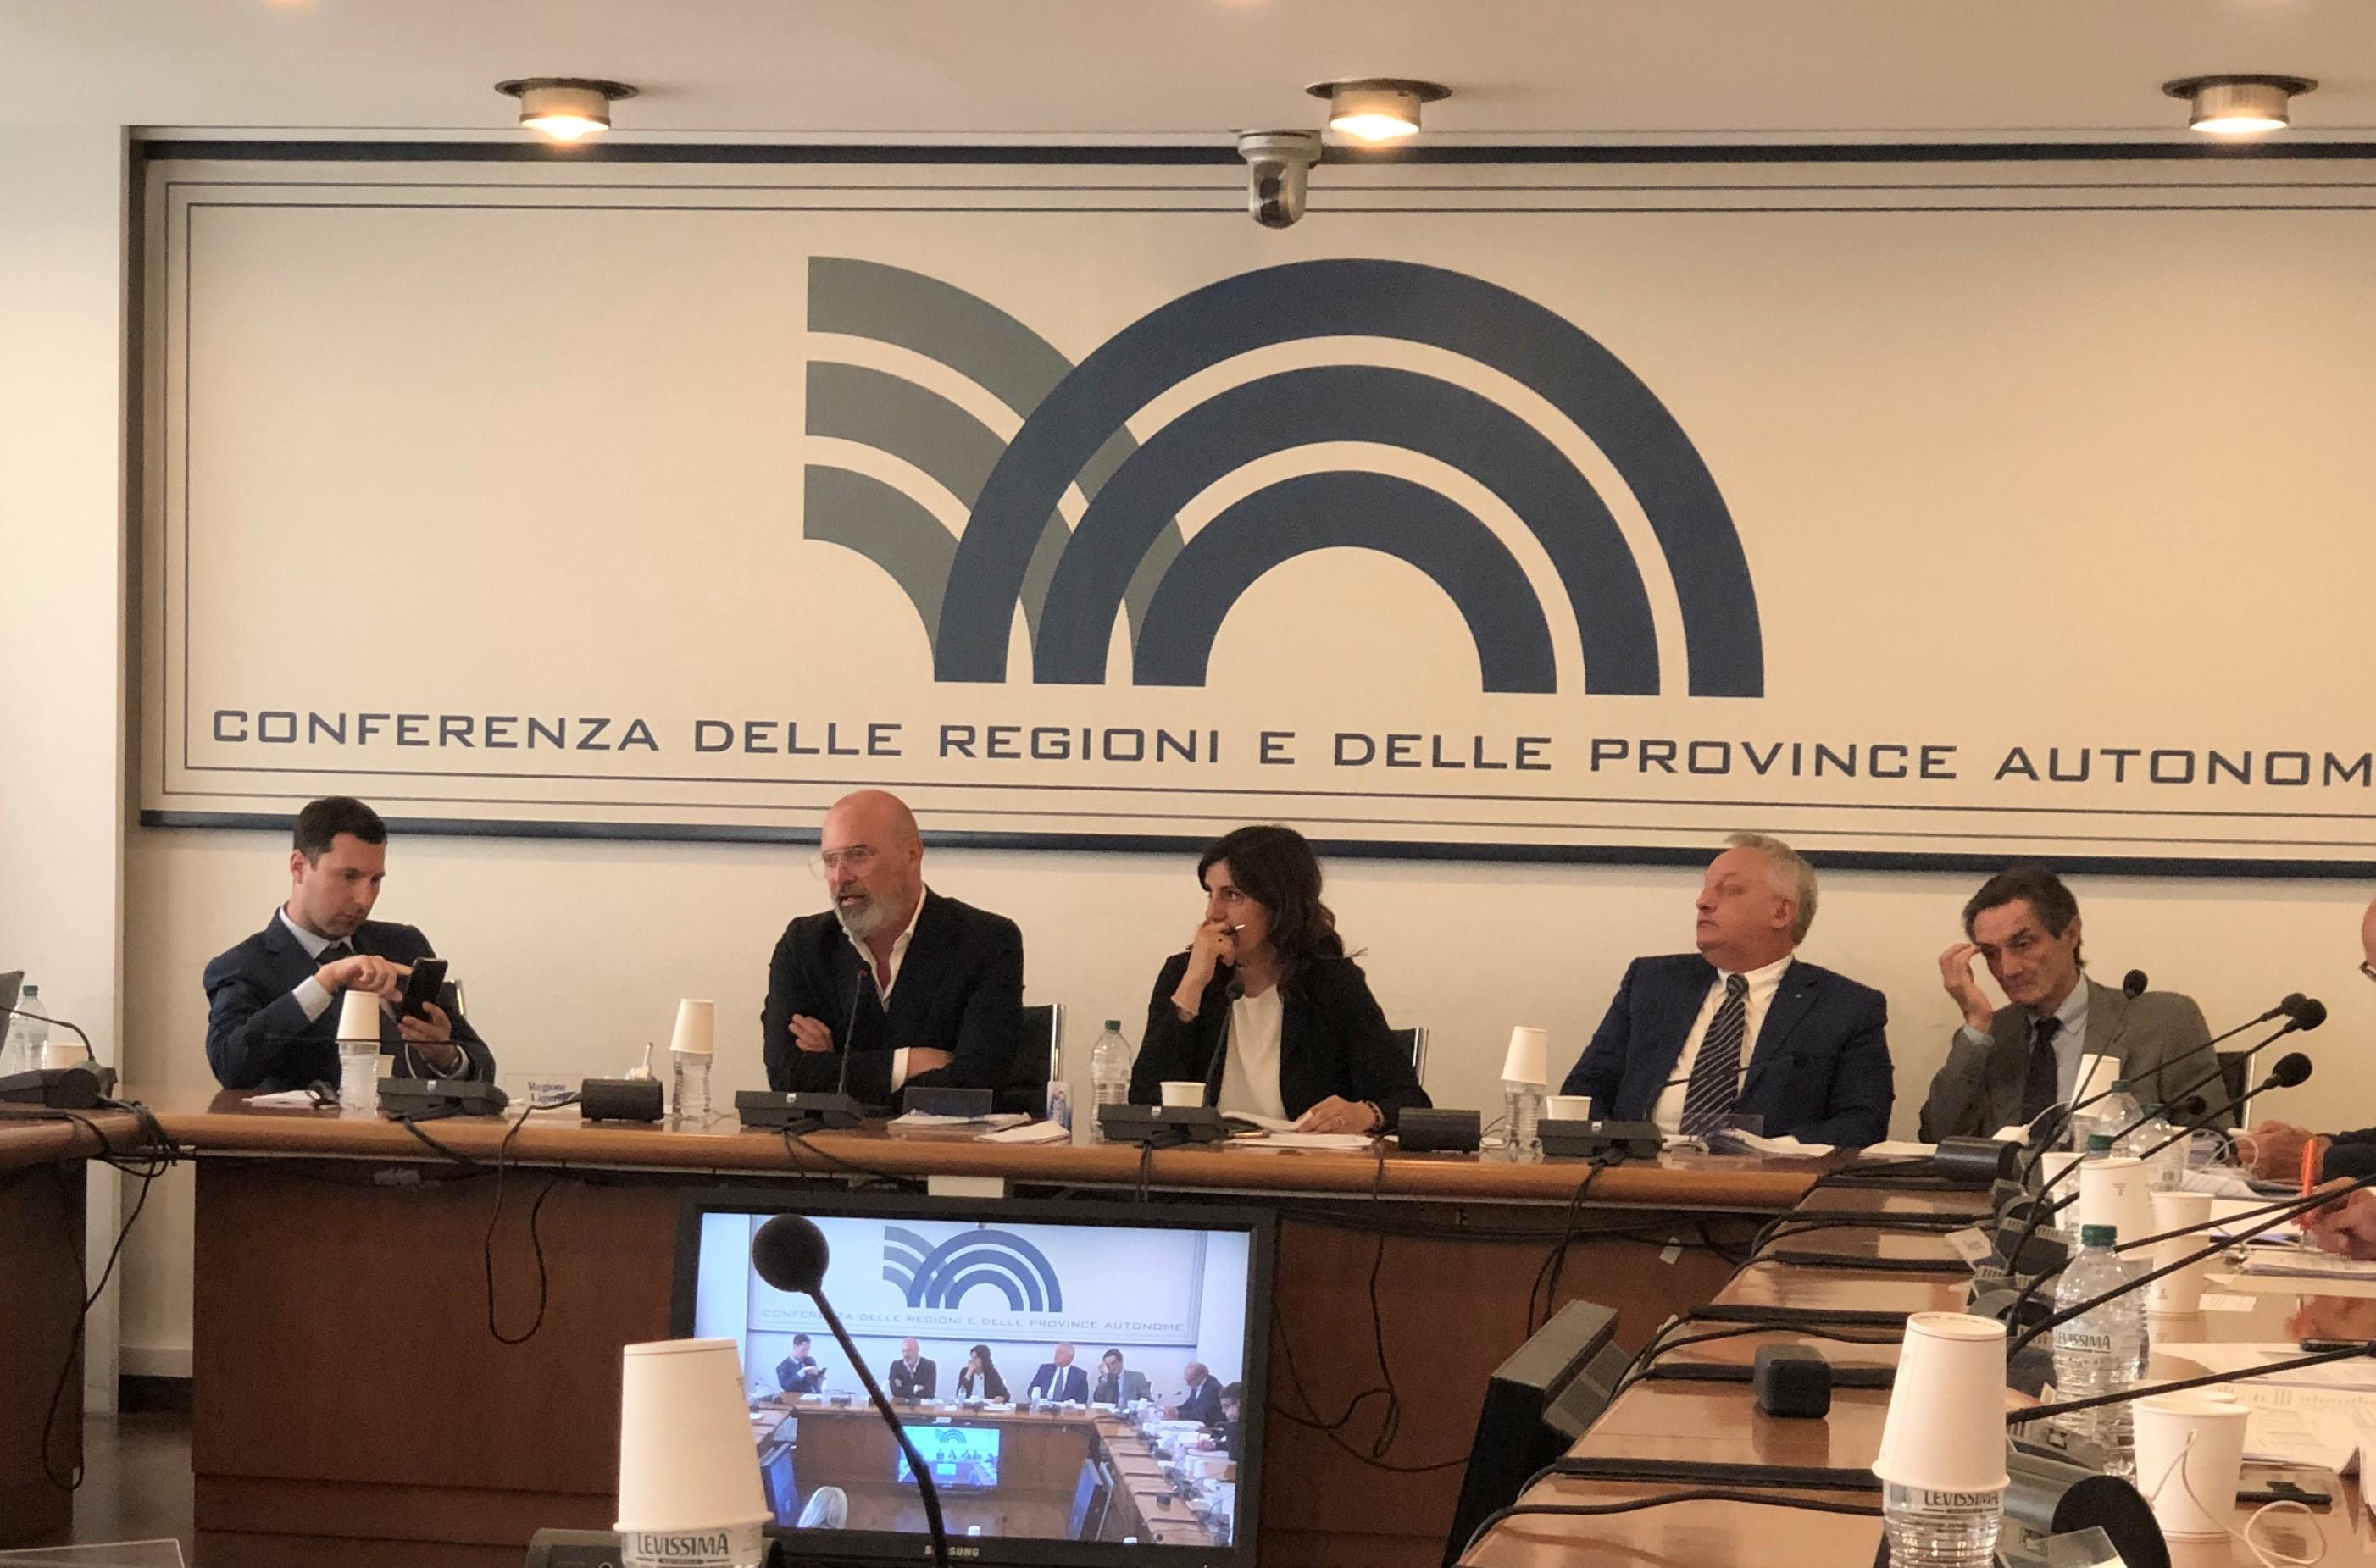 file/ELEMENTO_NEWSLETTER/19966/Conferenza_delle_Regioni_20190703.jpg